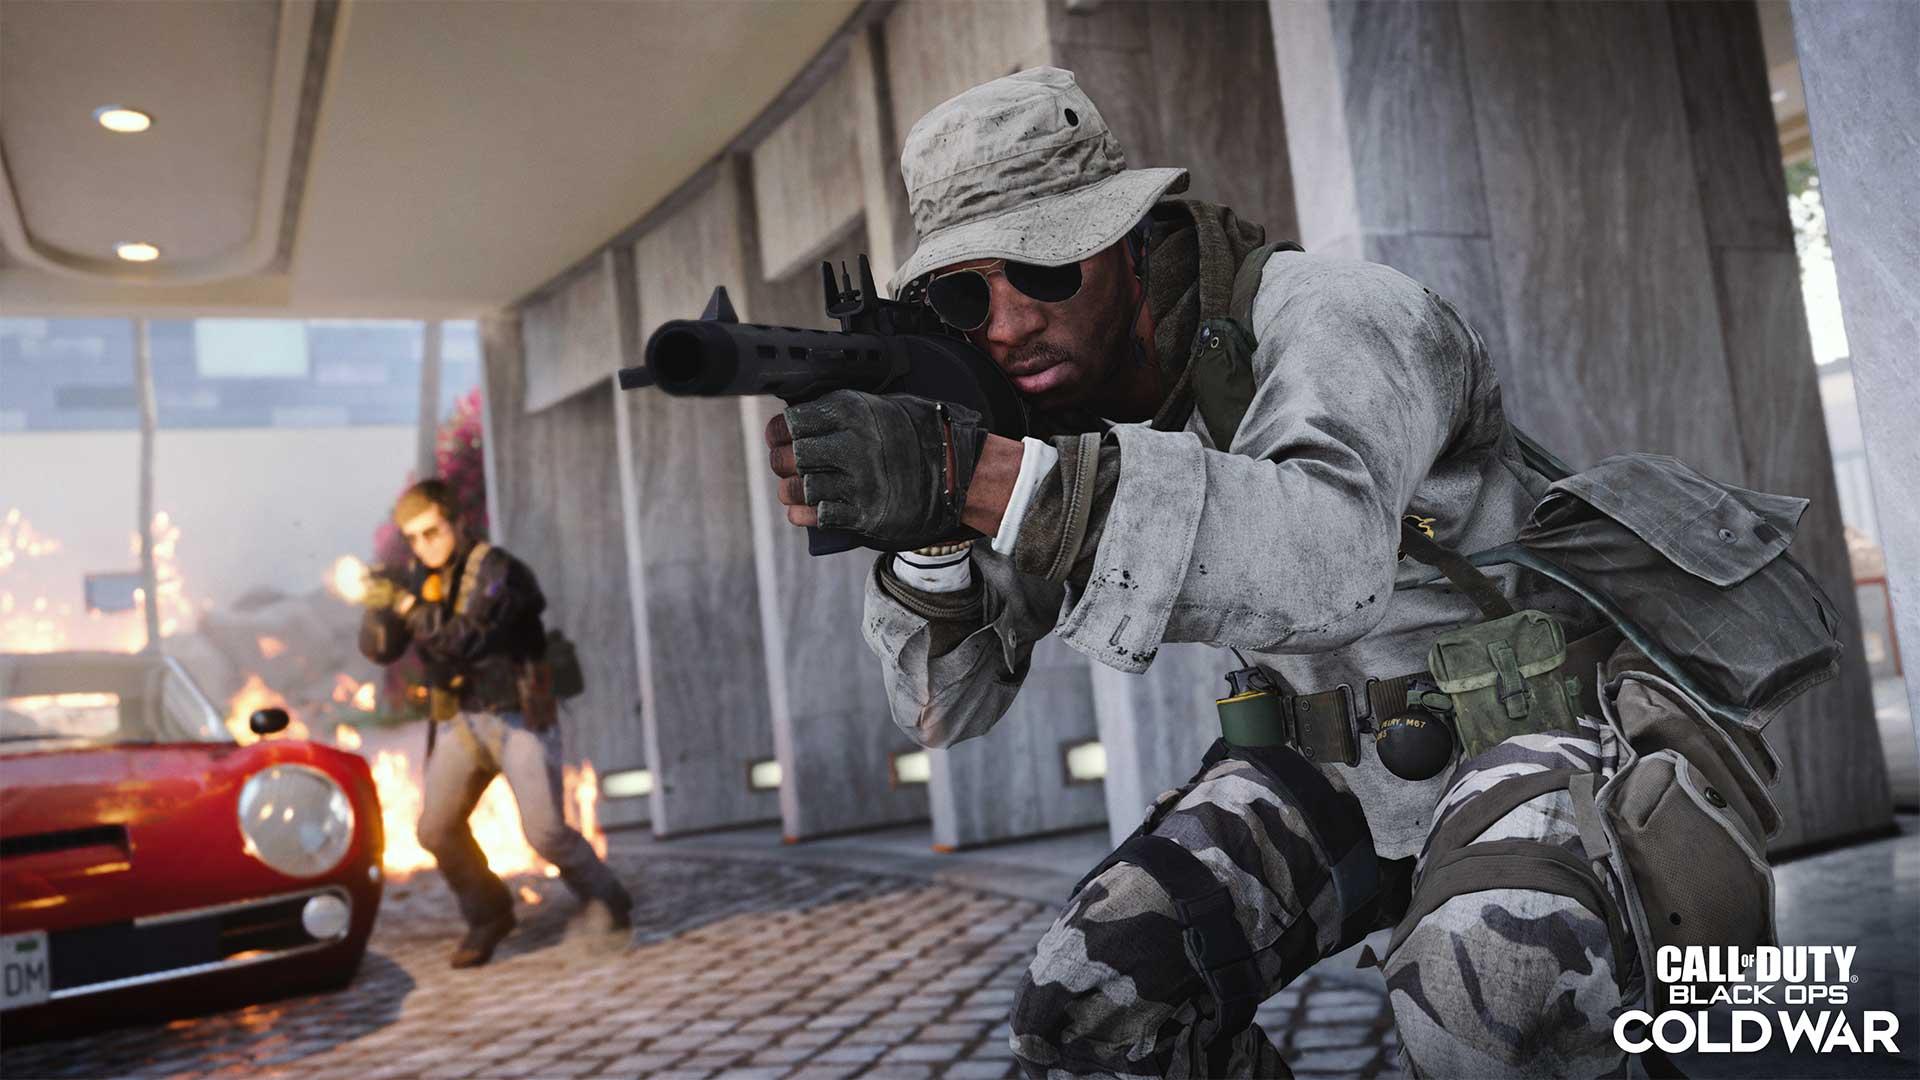 Screenhsot des Spiels Call of Duty: Black Ops Cold War Saison 1 zeigt die neue Waffe Schrotflinte